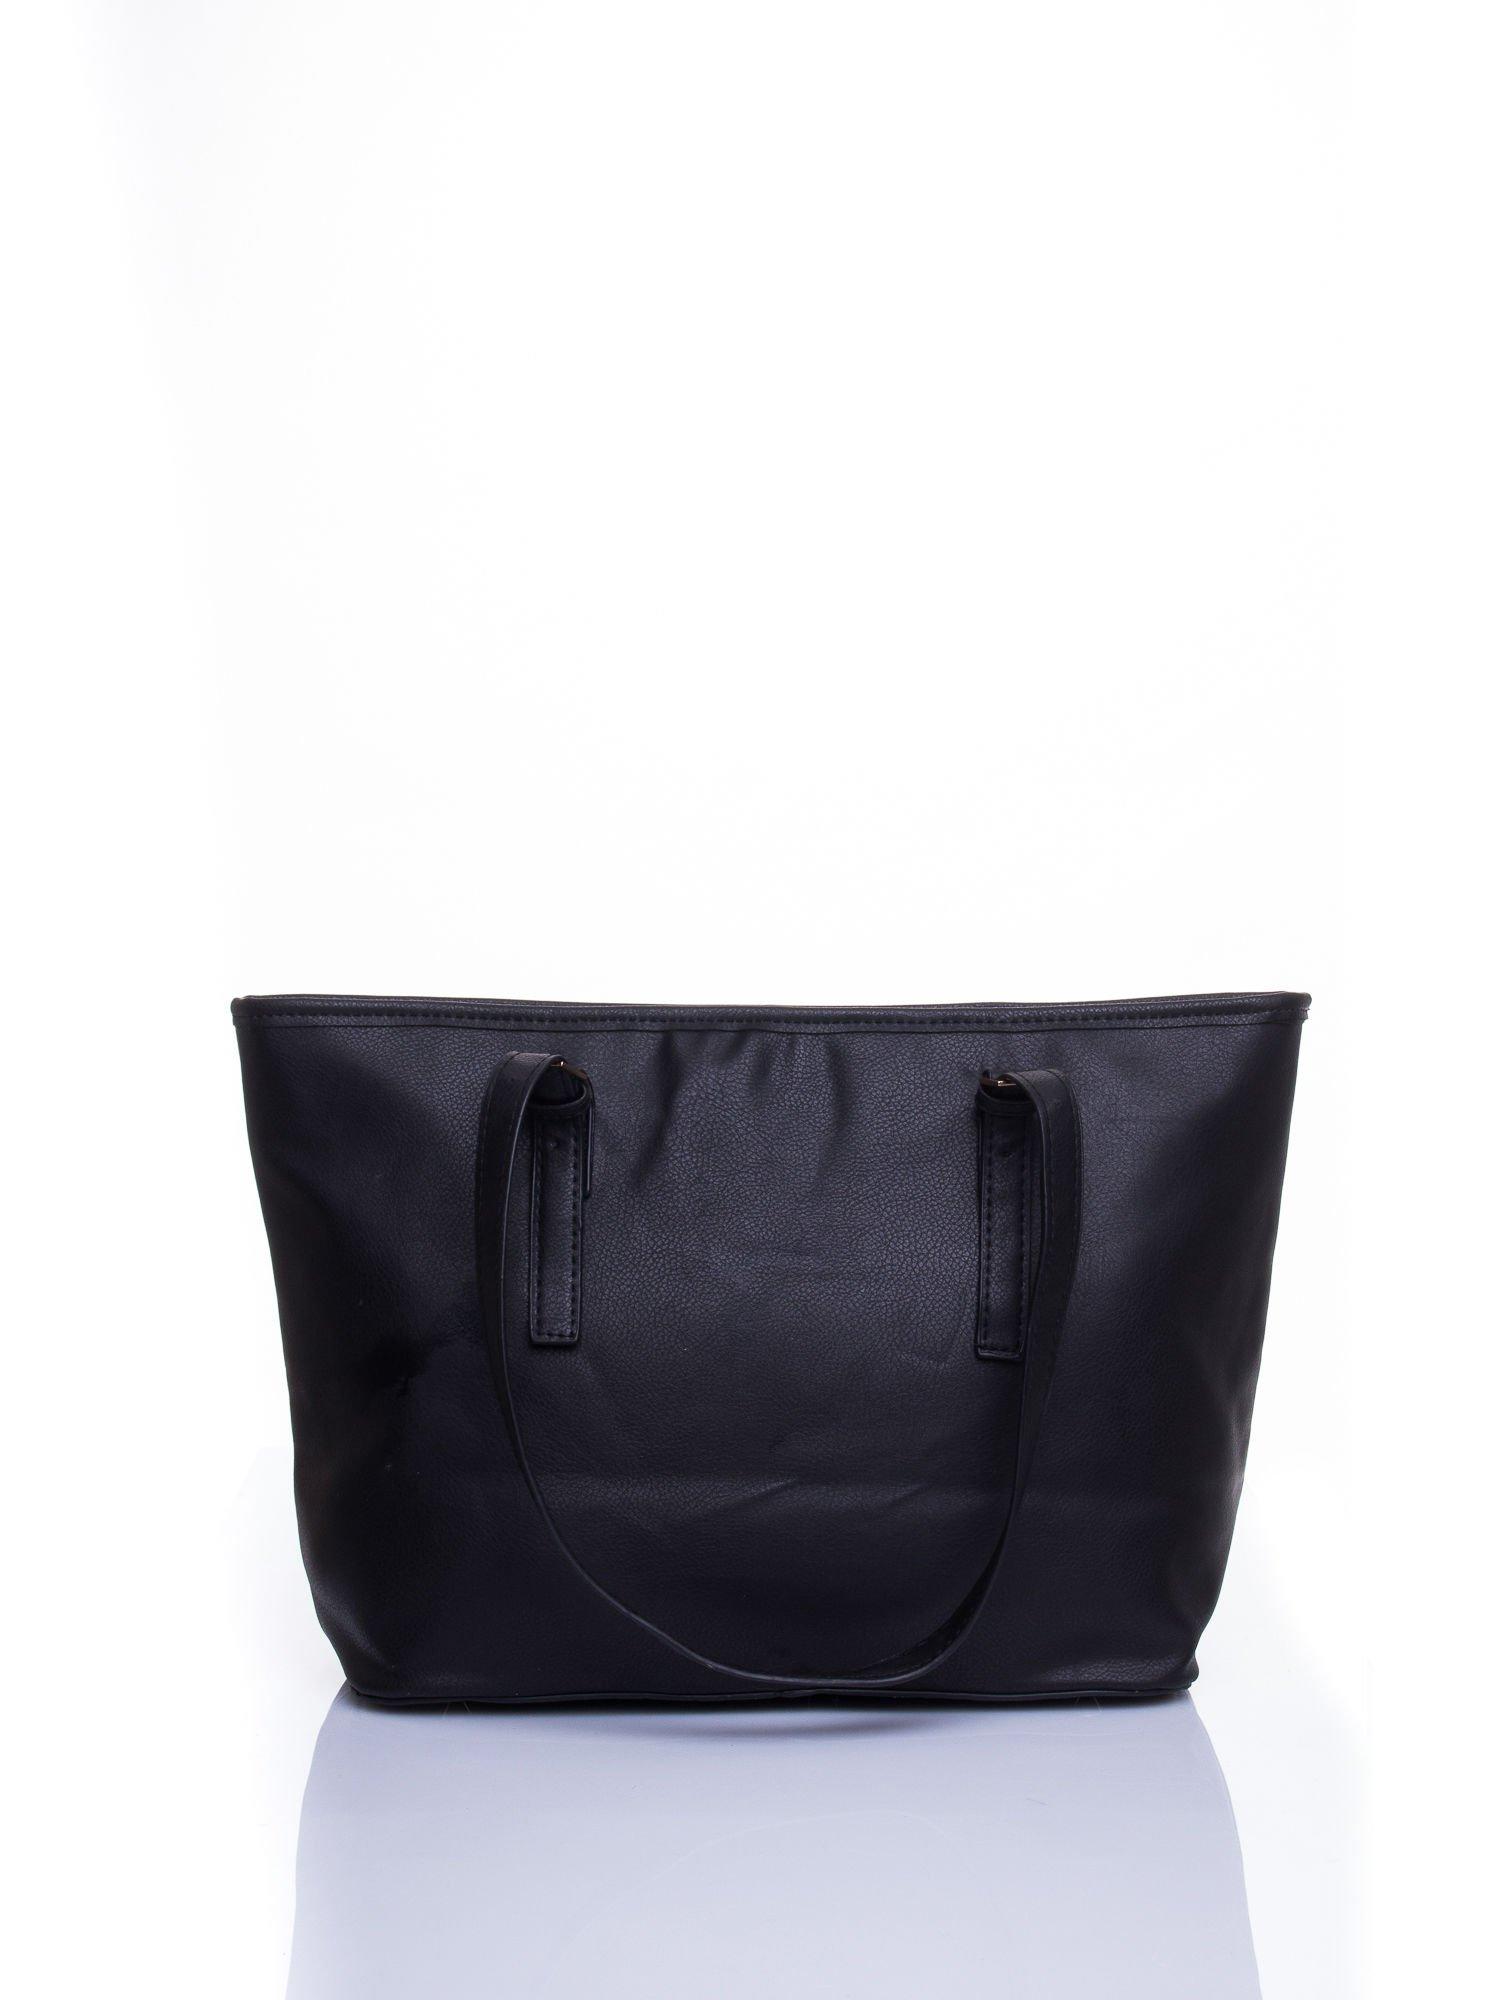 Czarna torba shopper bag z regulowanymi rączkami                                  zdj.                                  3